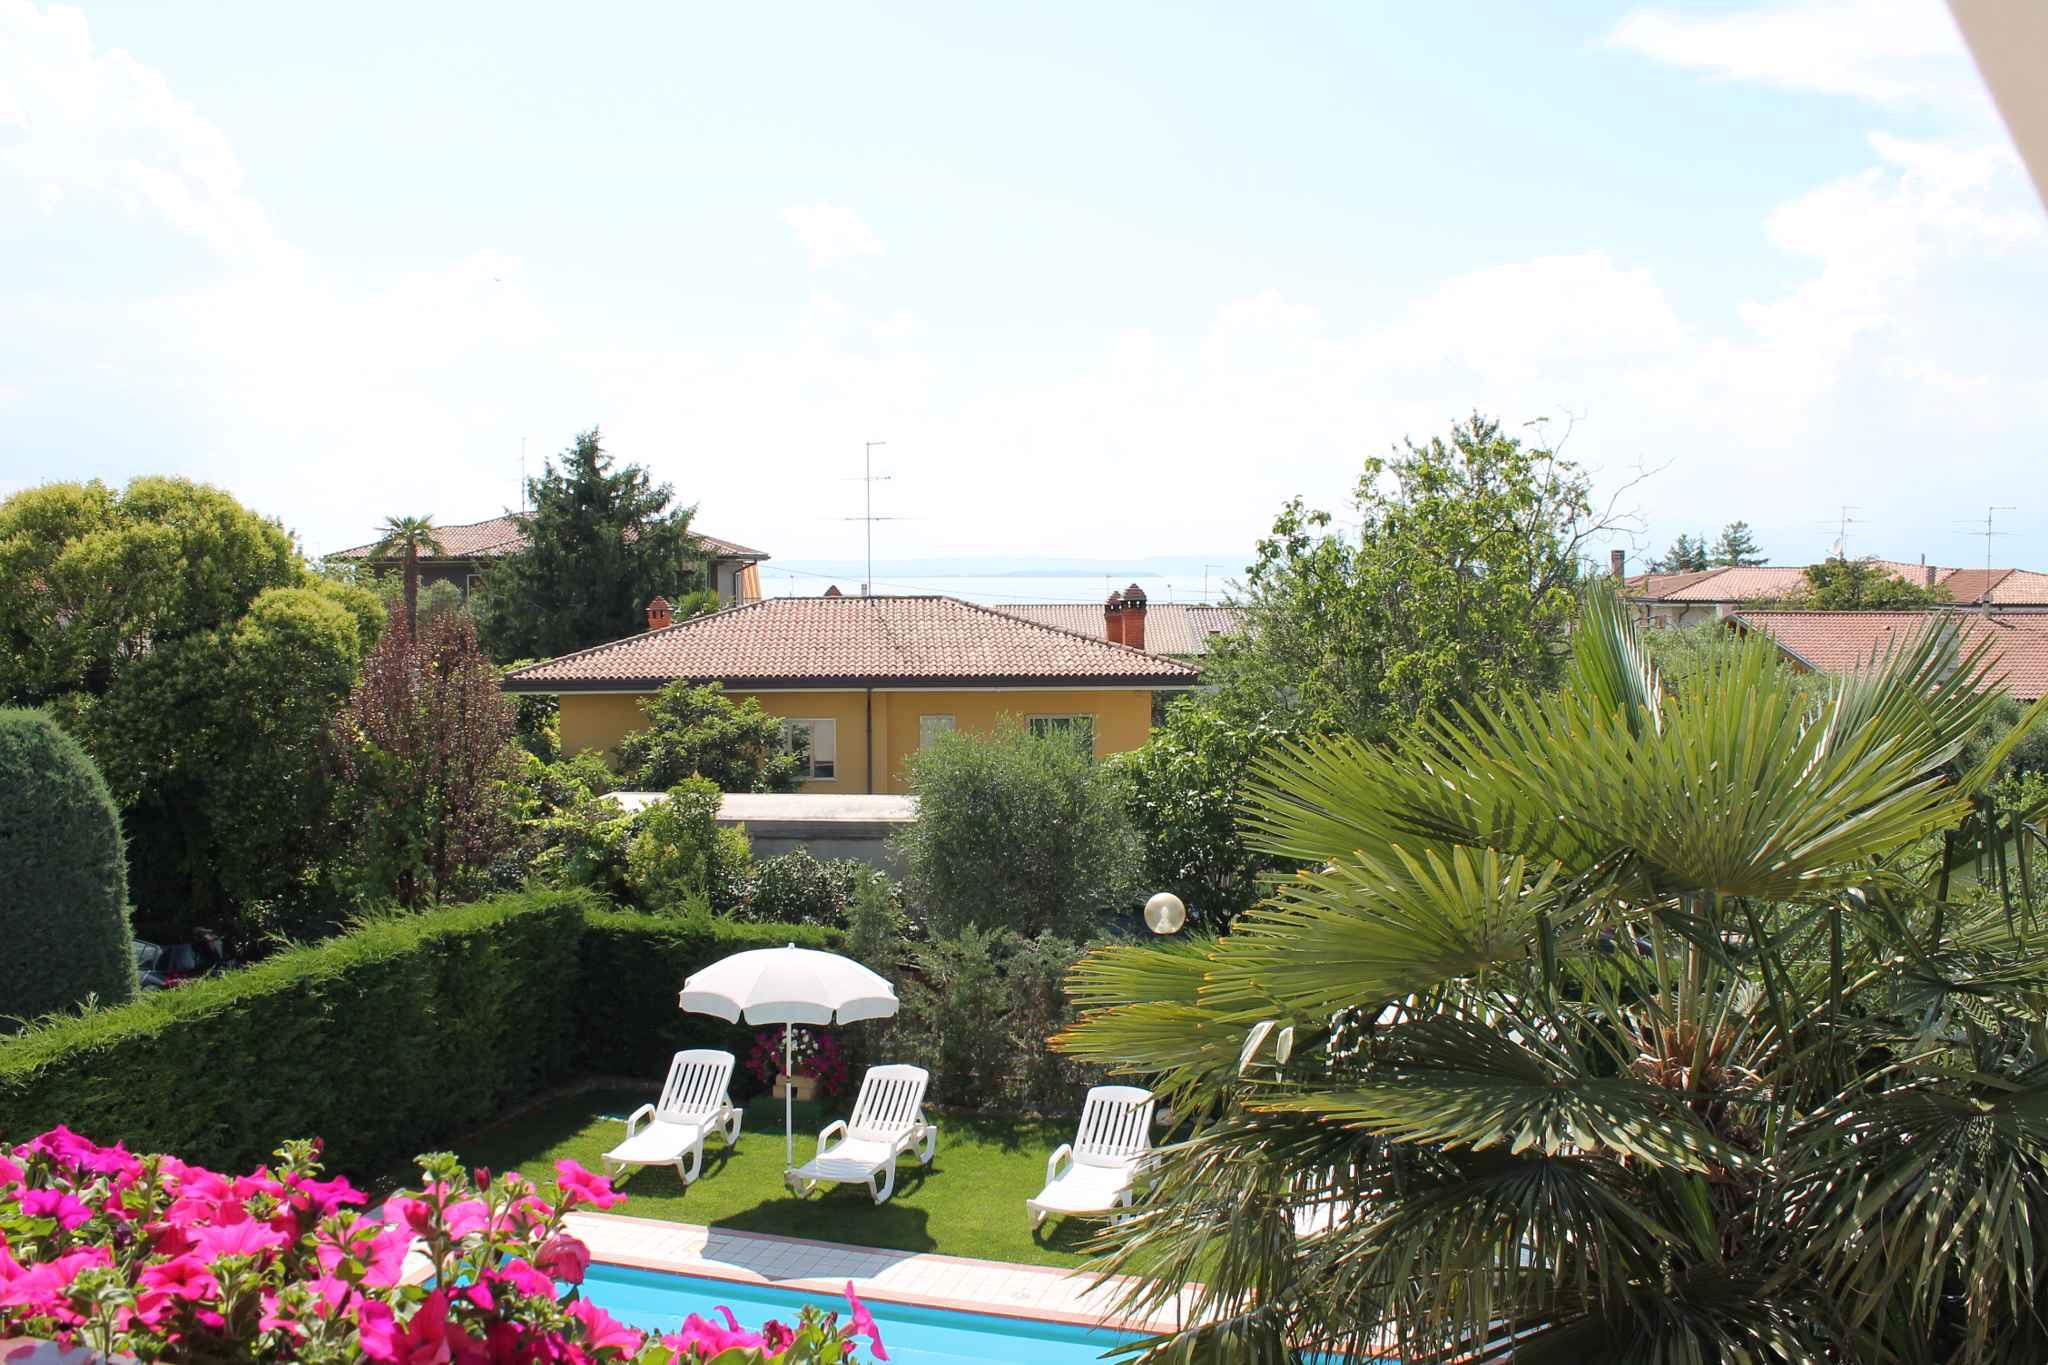 Ferienwohnung con balcone (480312), Lazise, Gardasee, Venetien, Italien, Bild 3